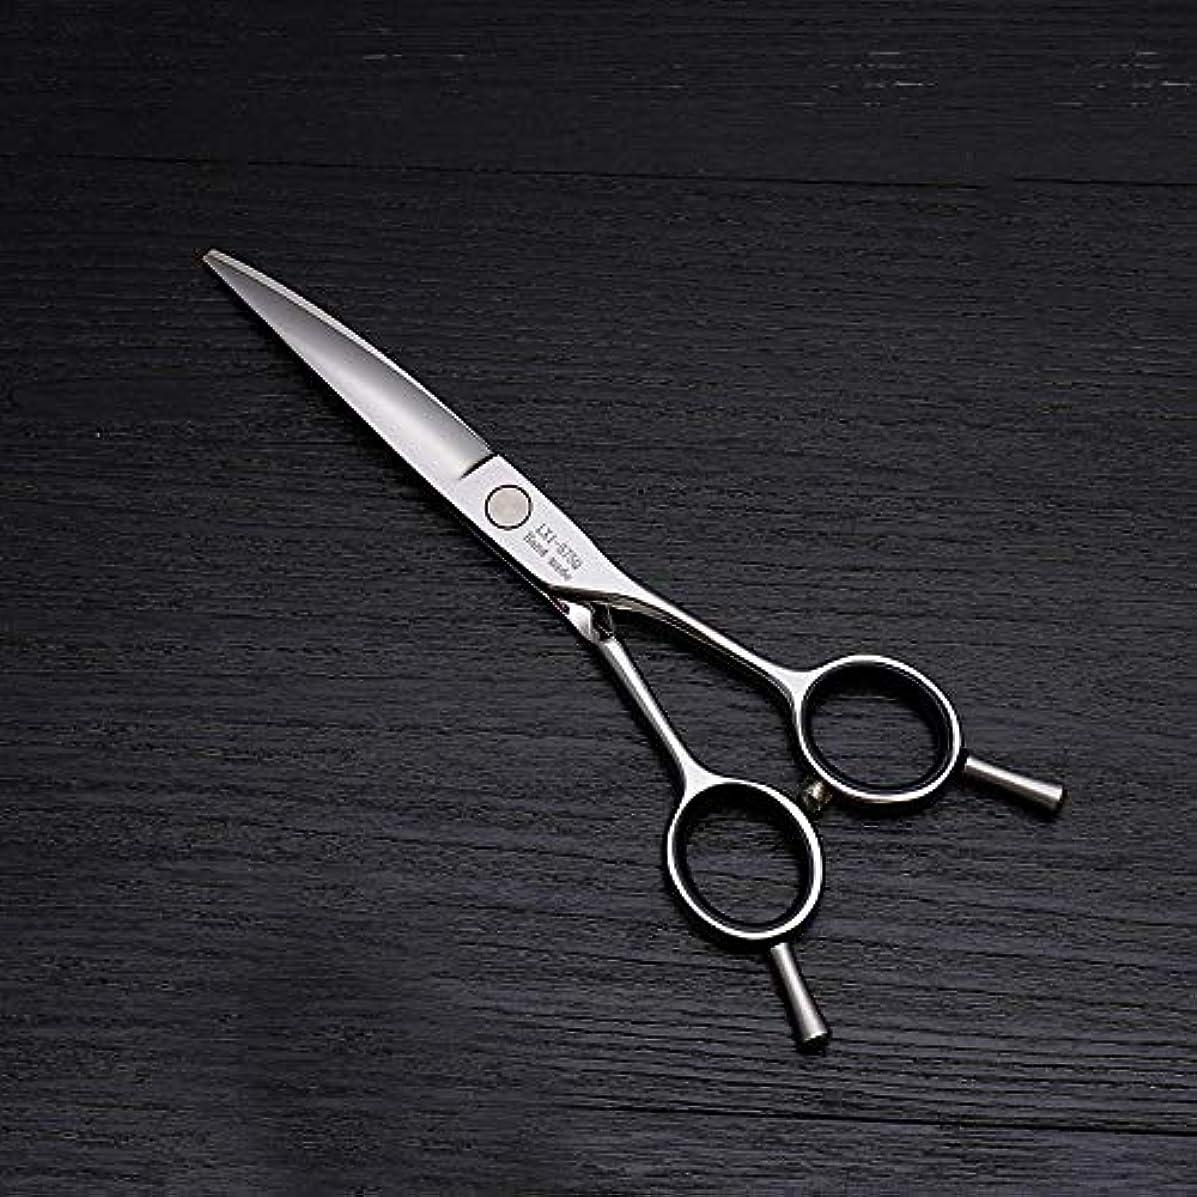 ビジョン自発的登る6インチ美容院プロのヘアカット兼用バリカン、ヘアカットステンレス鋼トリマー ヘアケア (色 : Silver)